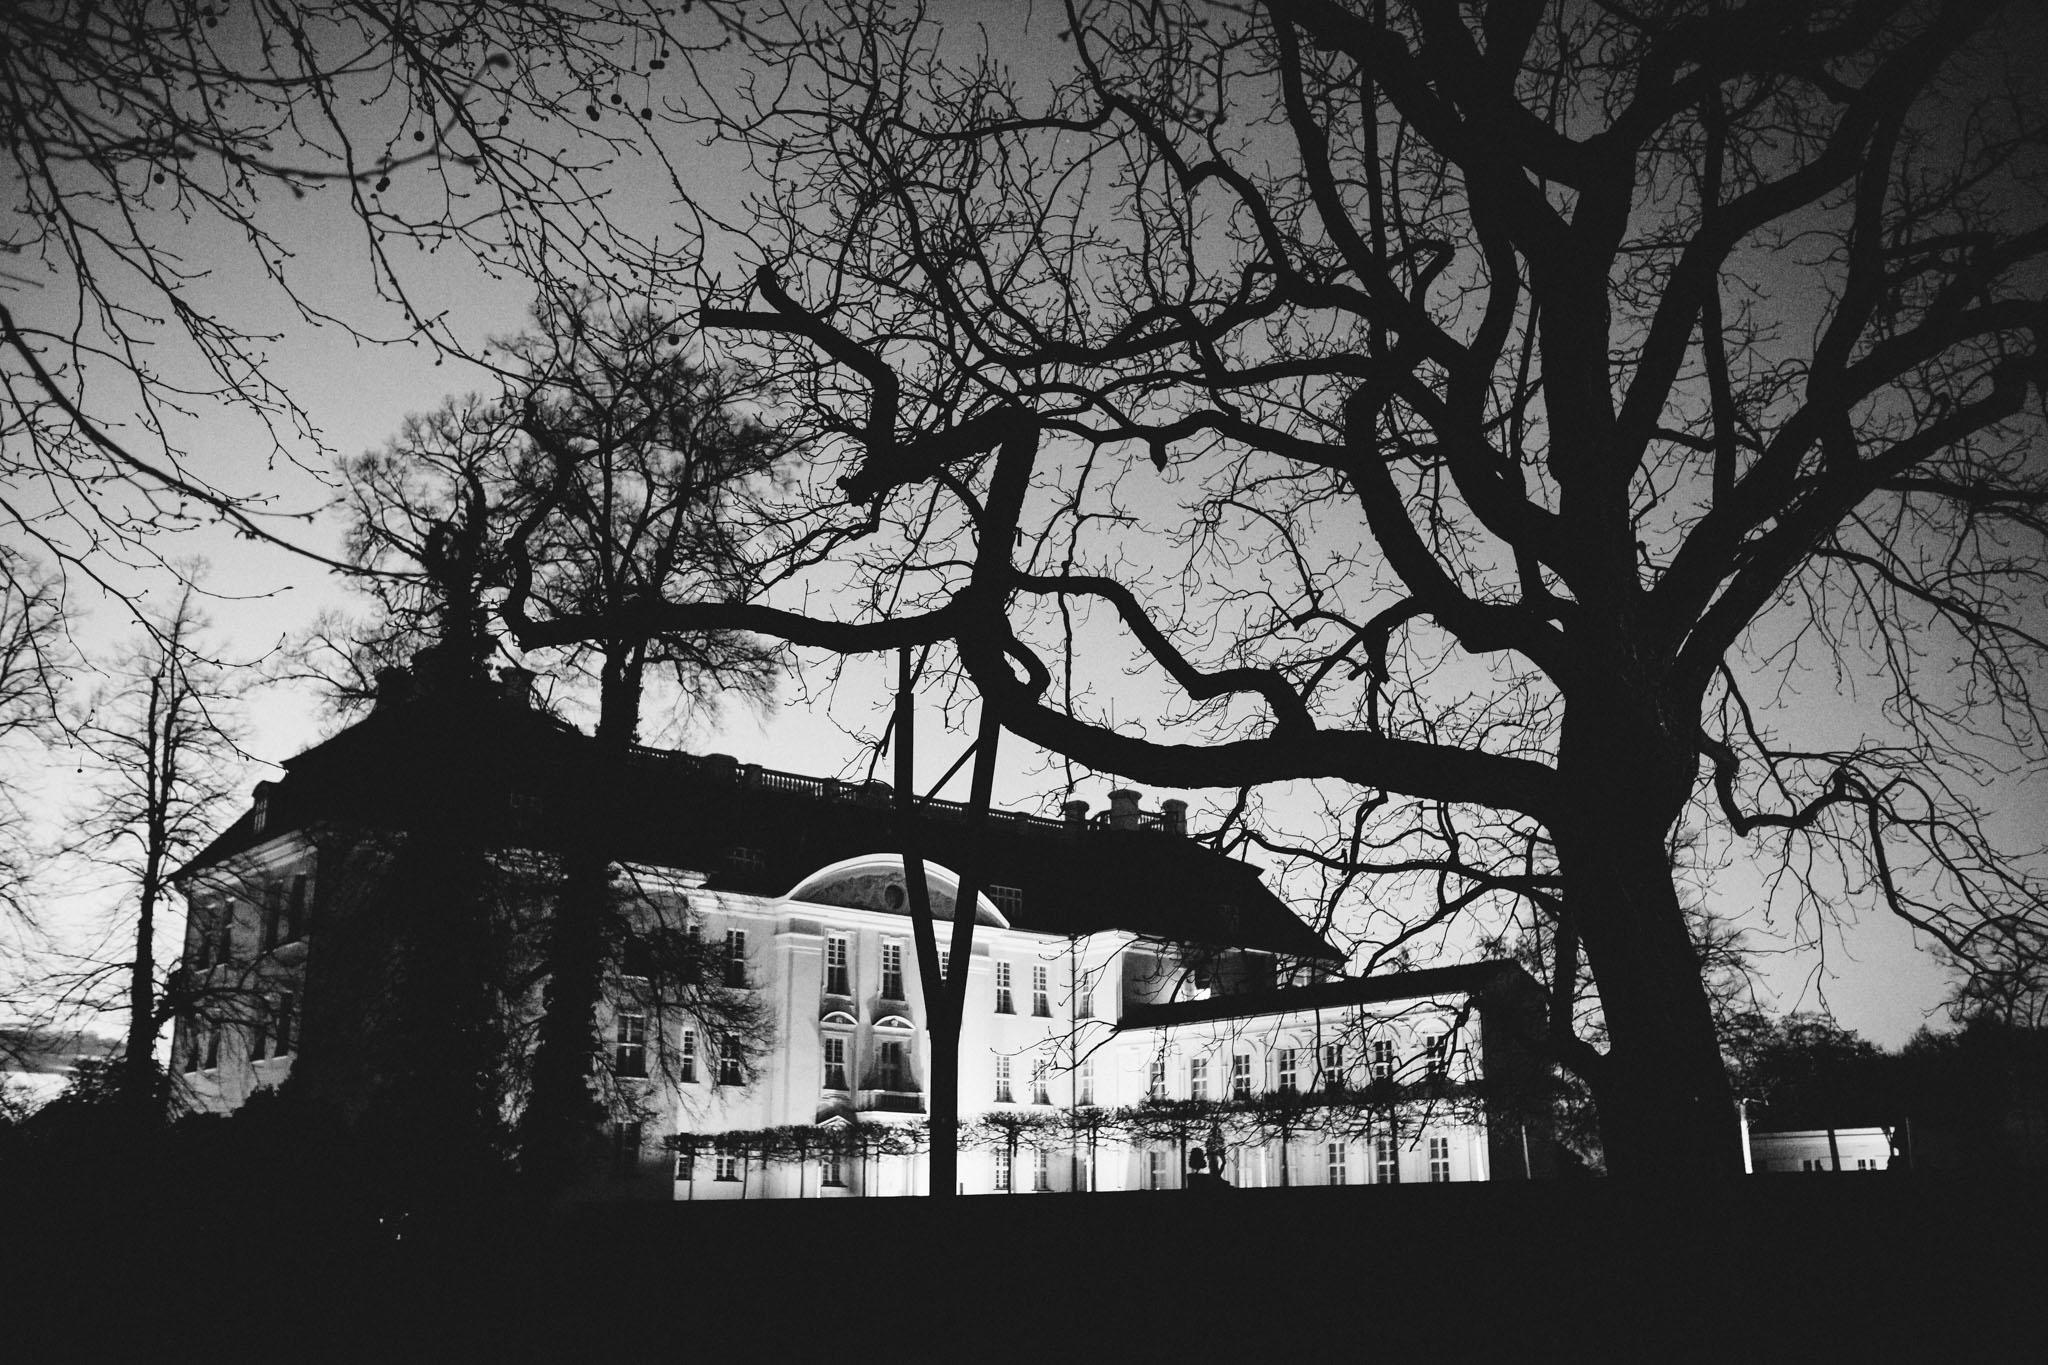 schloss-köpenick-nacht-schwarzweiss